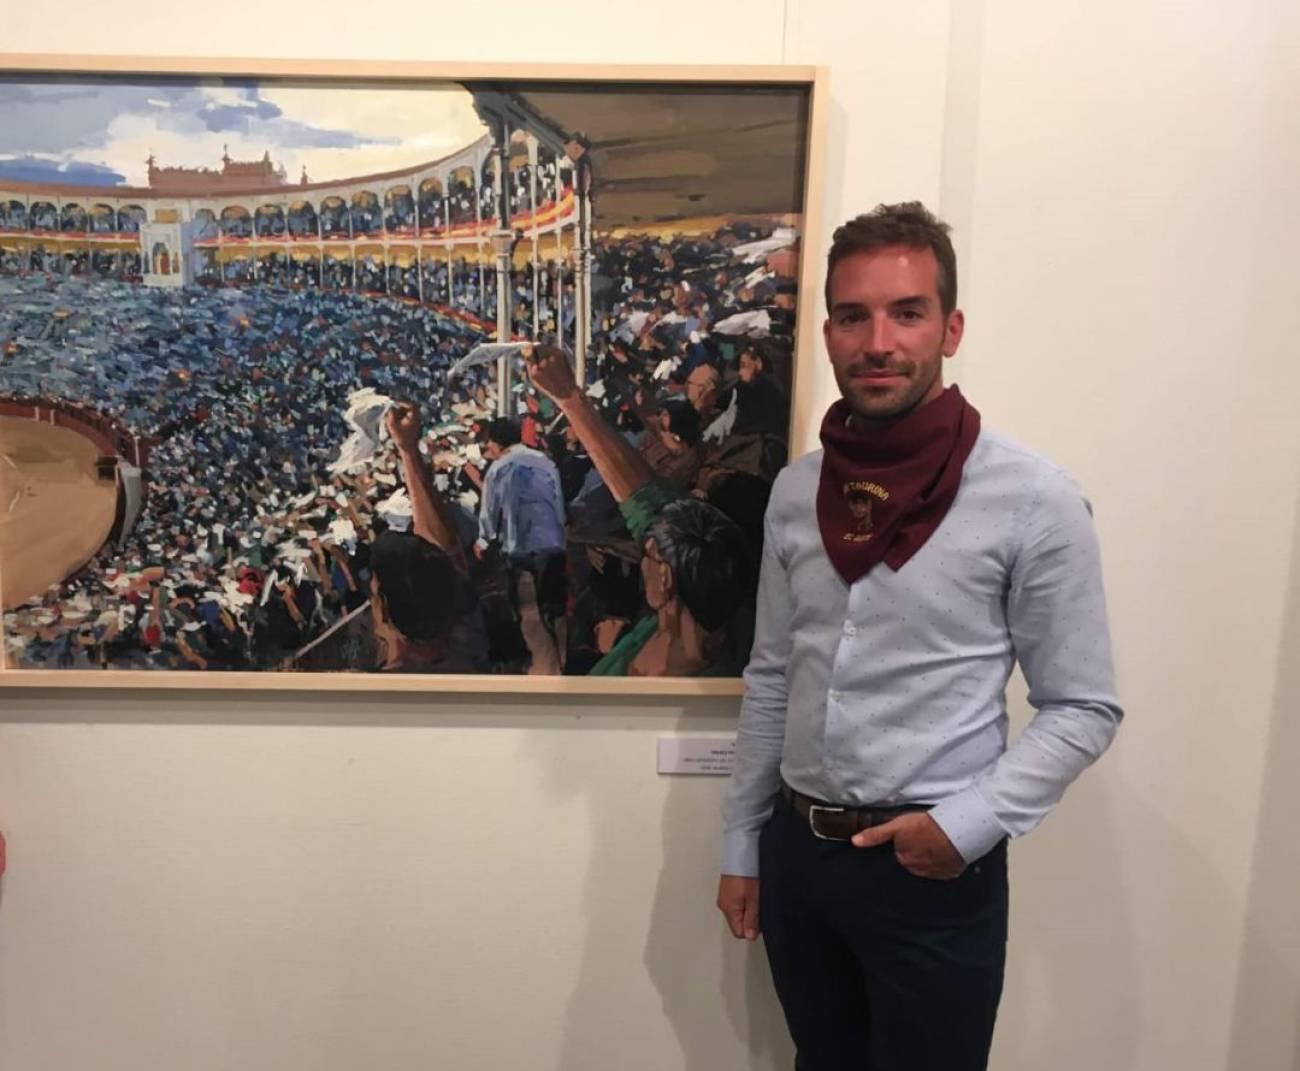 El pintor sepulvedano, Mario Pastor junto a uno de sus trabajos basado en la Plaza de Toros de las Ventas.